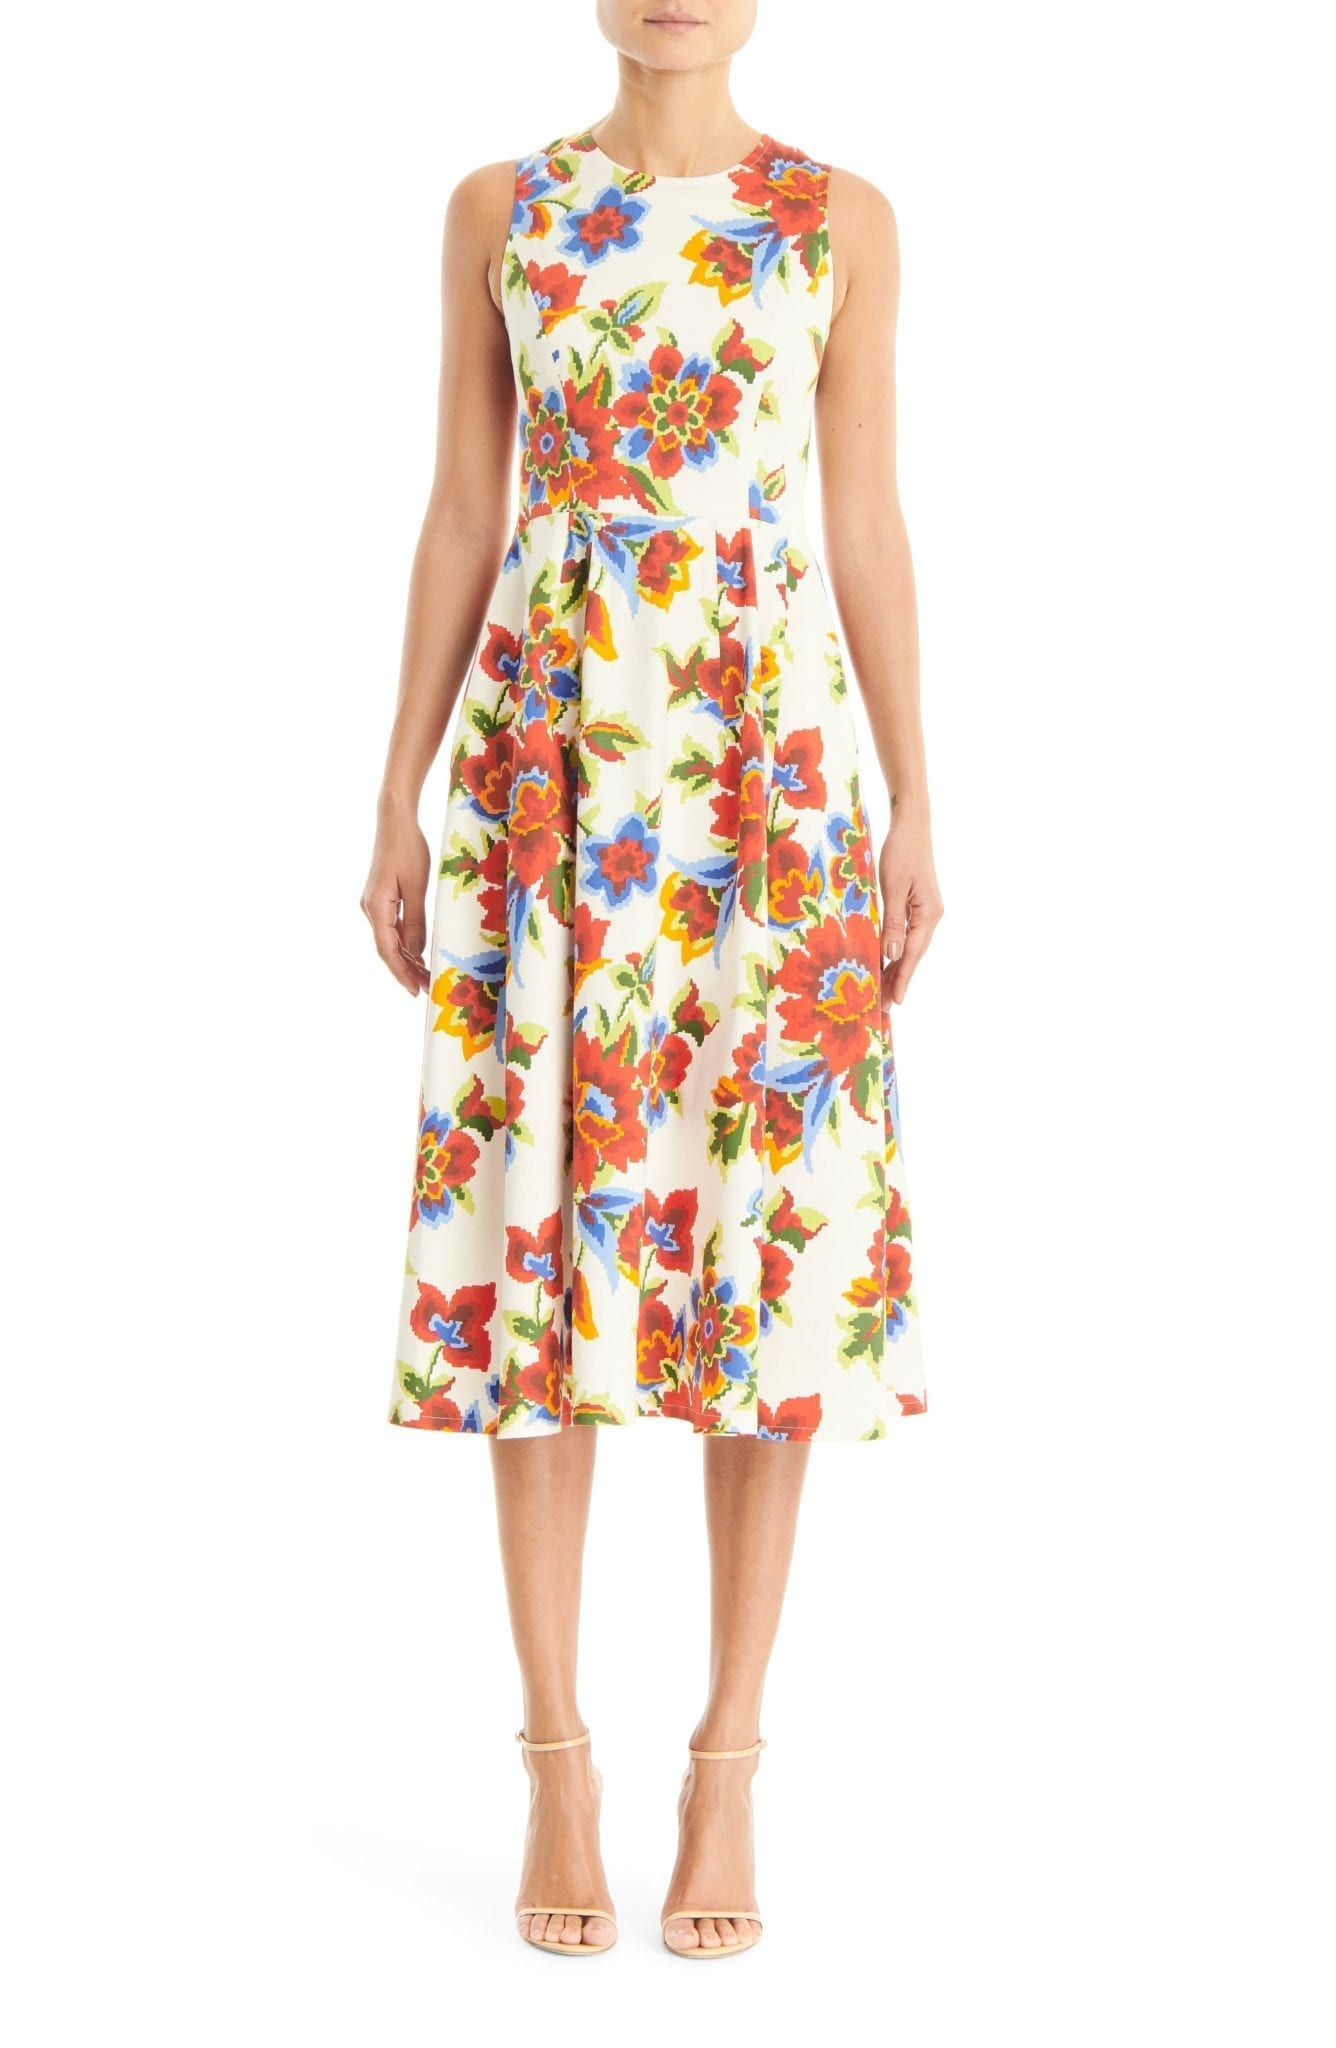 CAROLINA HERRERA Sleeveless A-Line Midi Dress